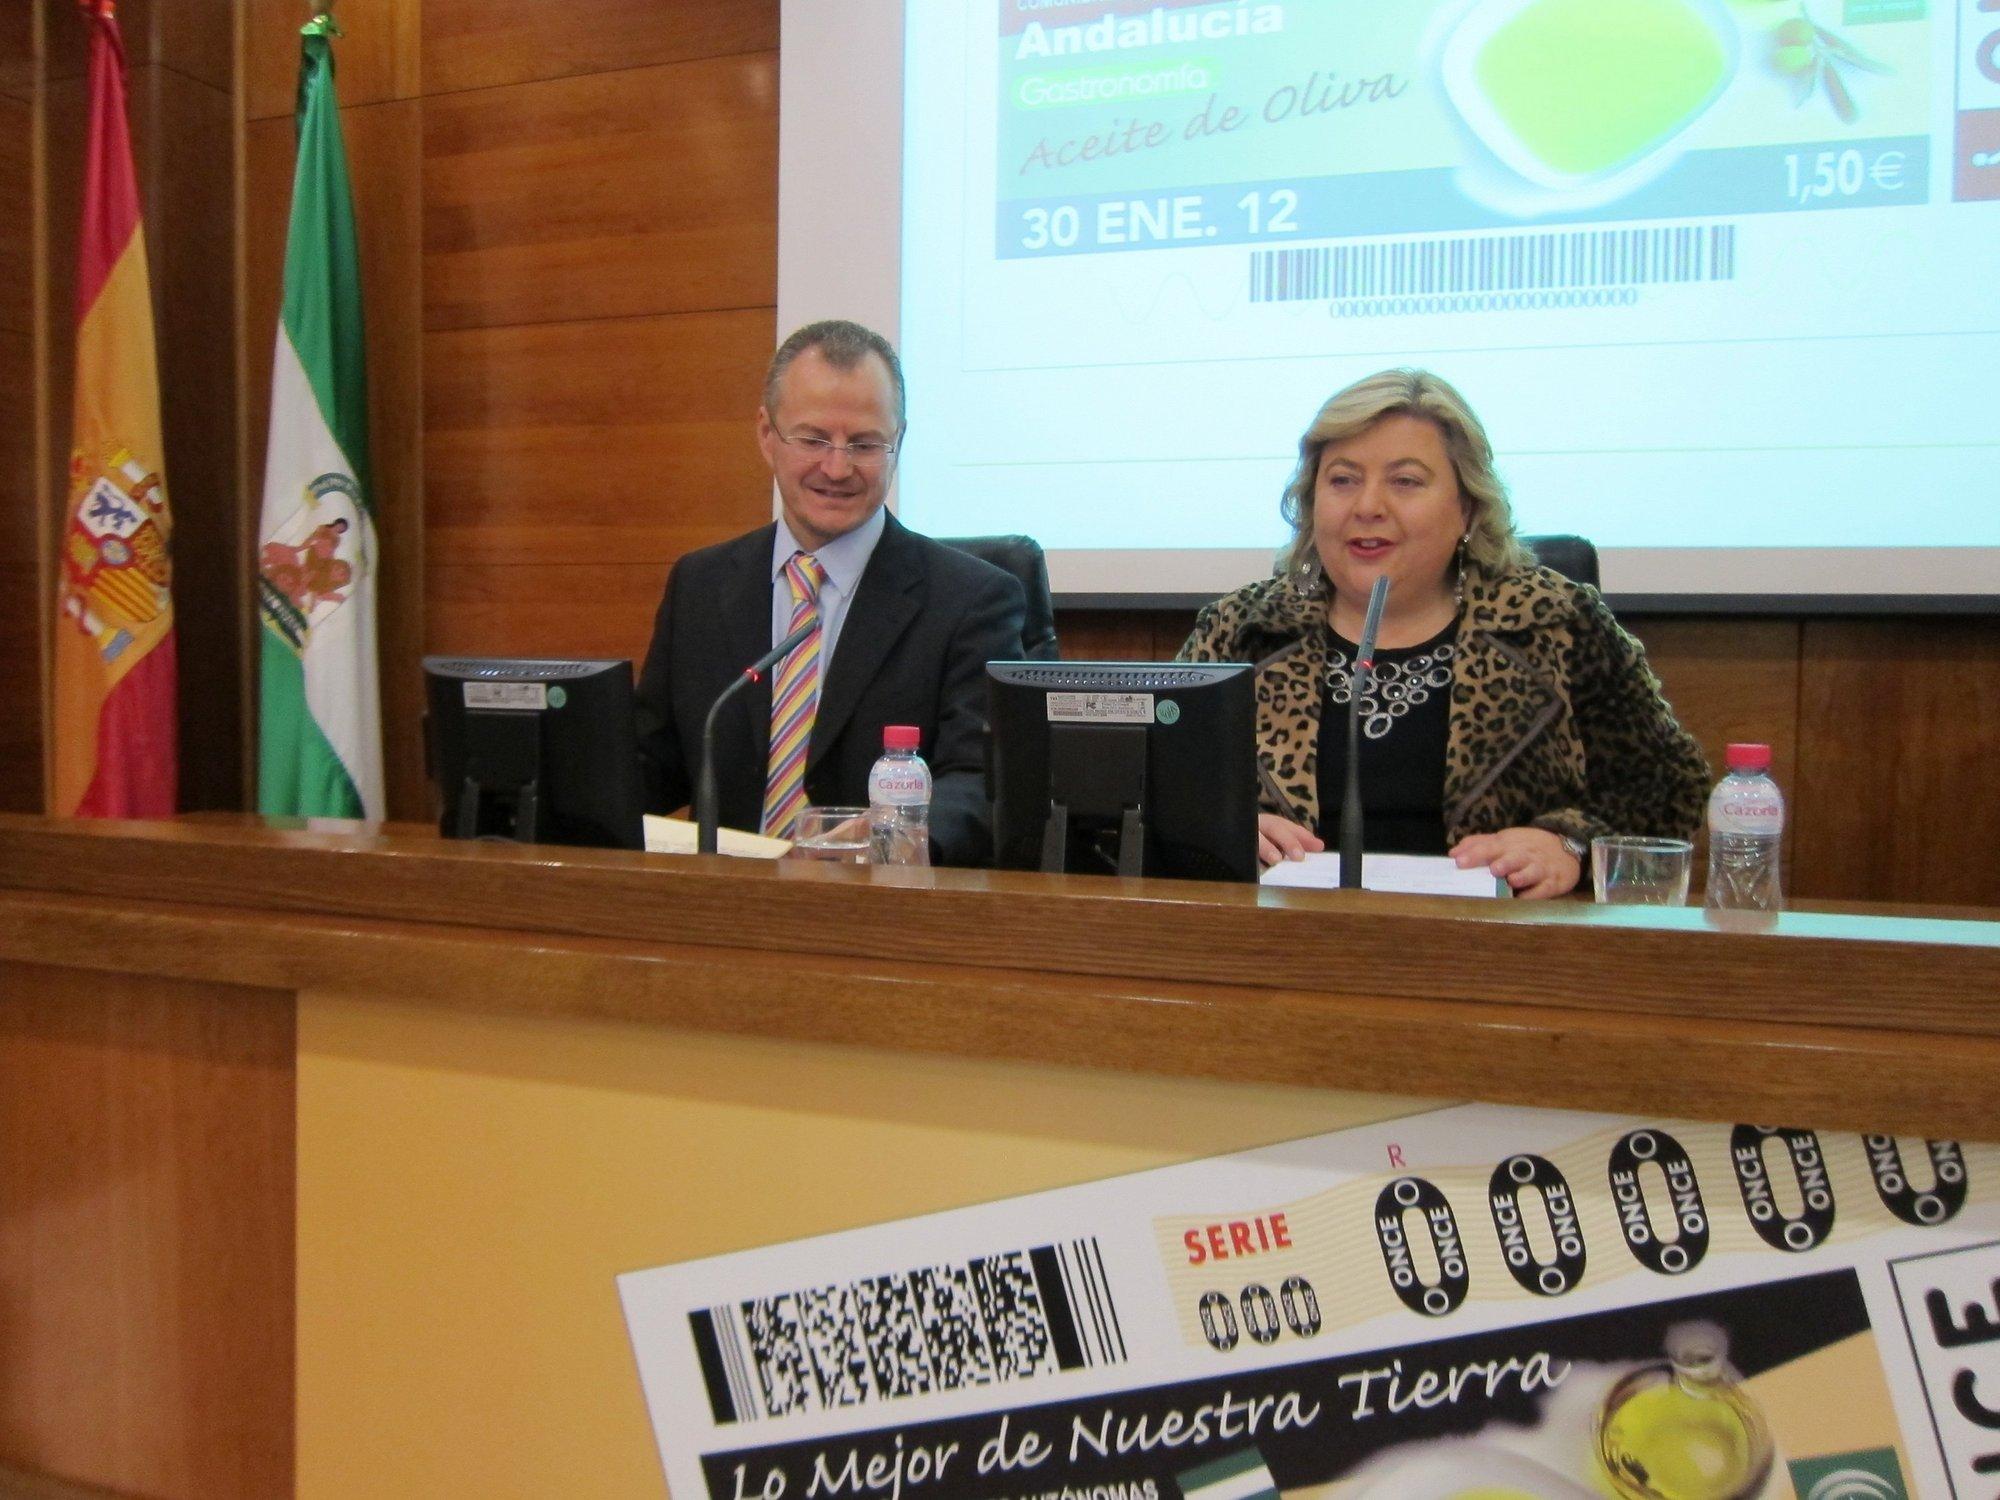 Junta pide a Cañete que si no quiere el acuerdo agrícola marroquí «cree alianzas con otros partidos de derechas»